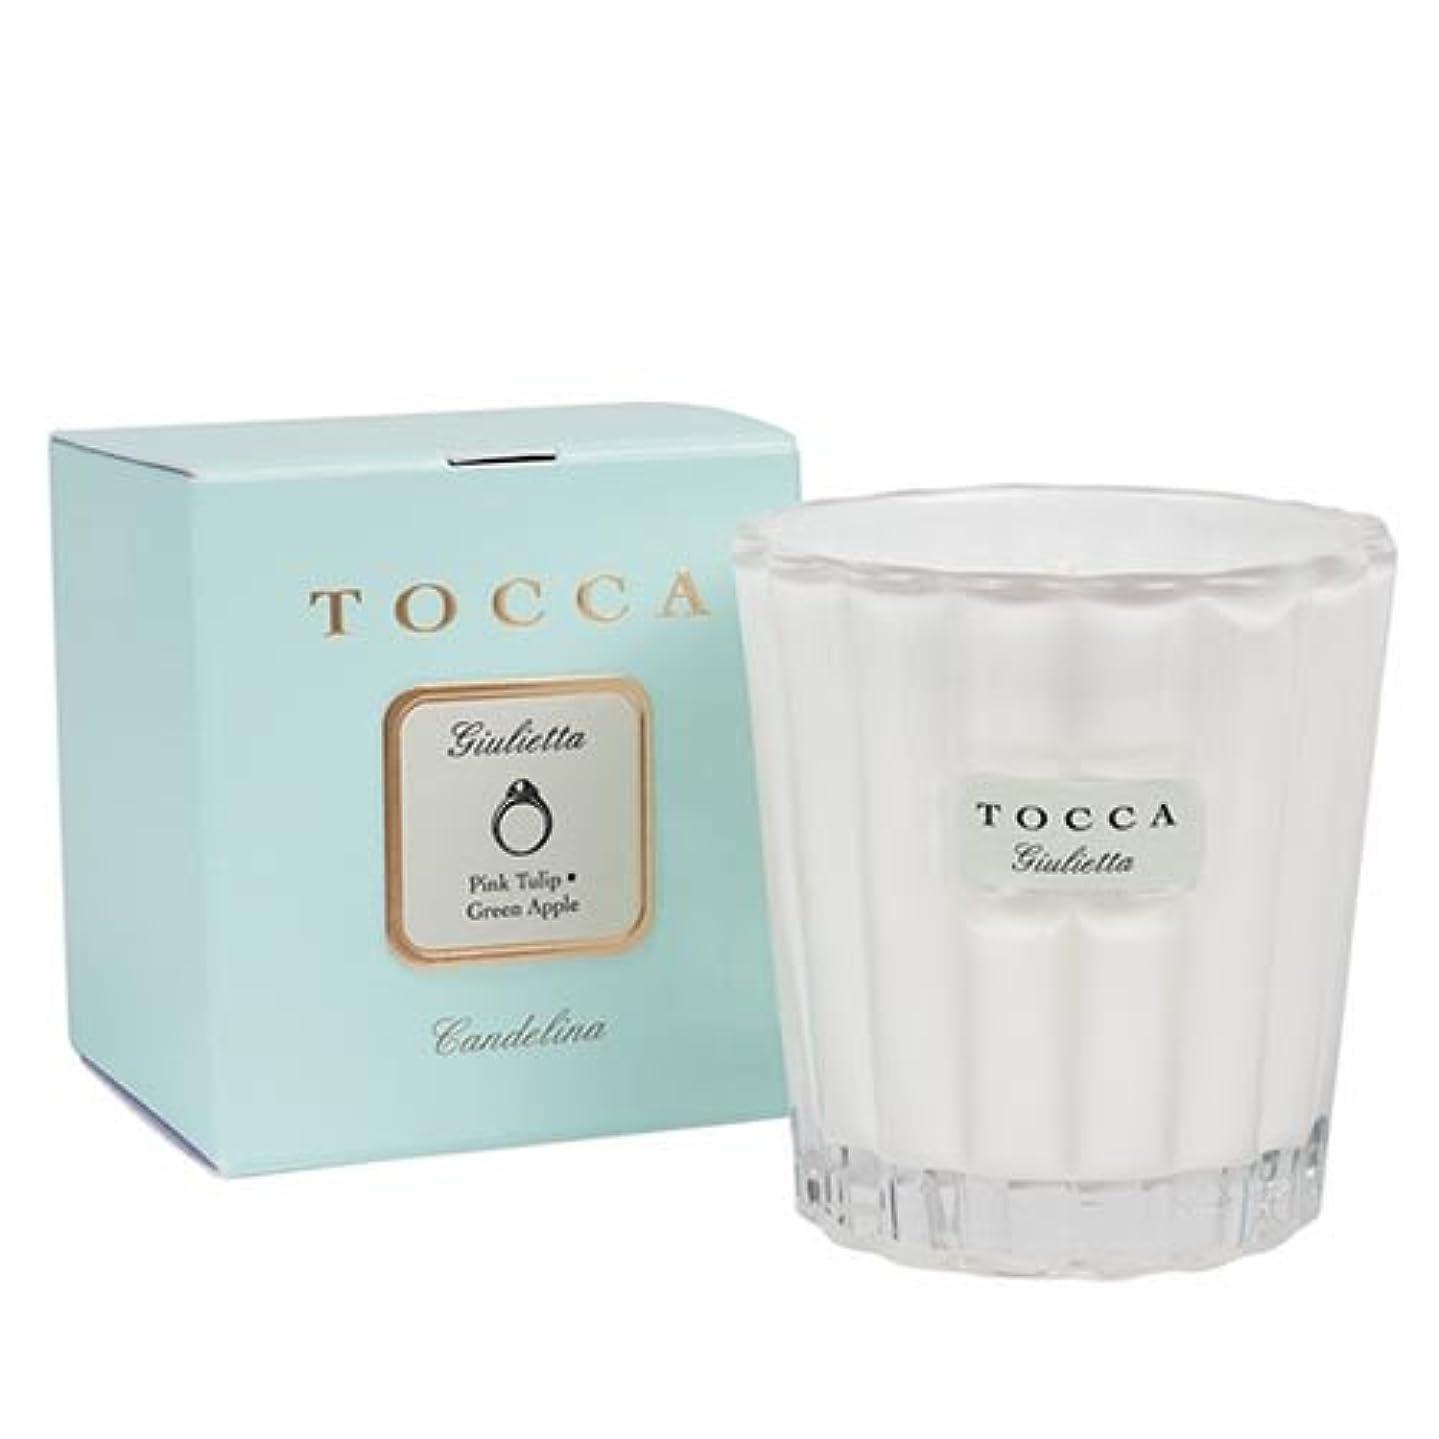 エラーめ言葉実装するCONCENT TOCCA (トッカ) キャンデリーナ (ジュリエッタの香り)